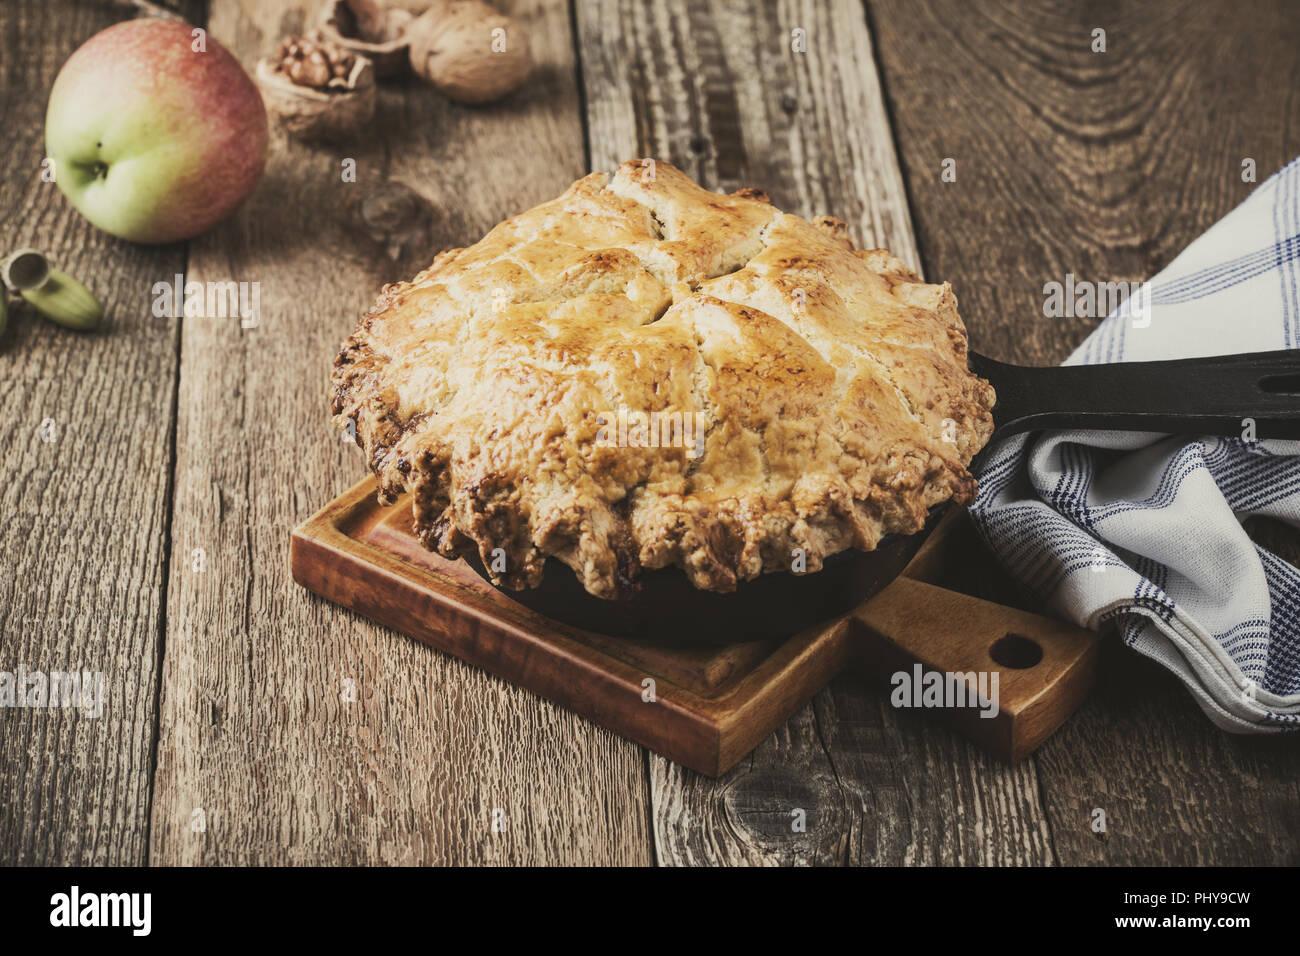 Tarte aux pommes à la poêle en fonte sur table en bois rustique et traditionnel confortable automne dessert Photo Stock